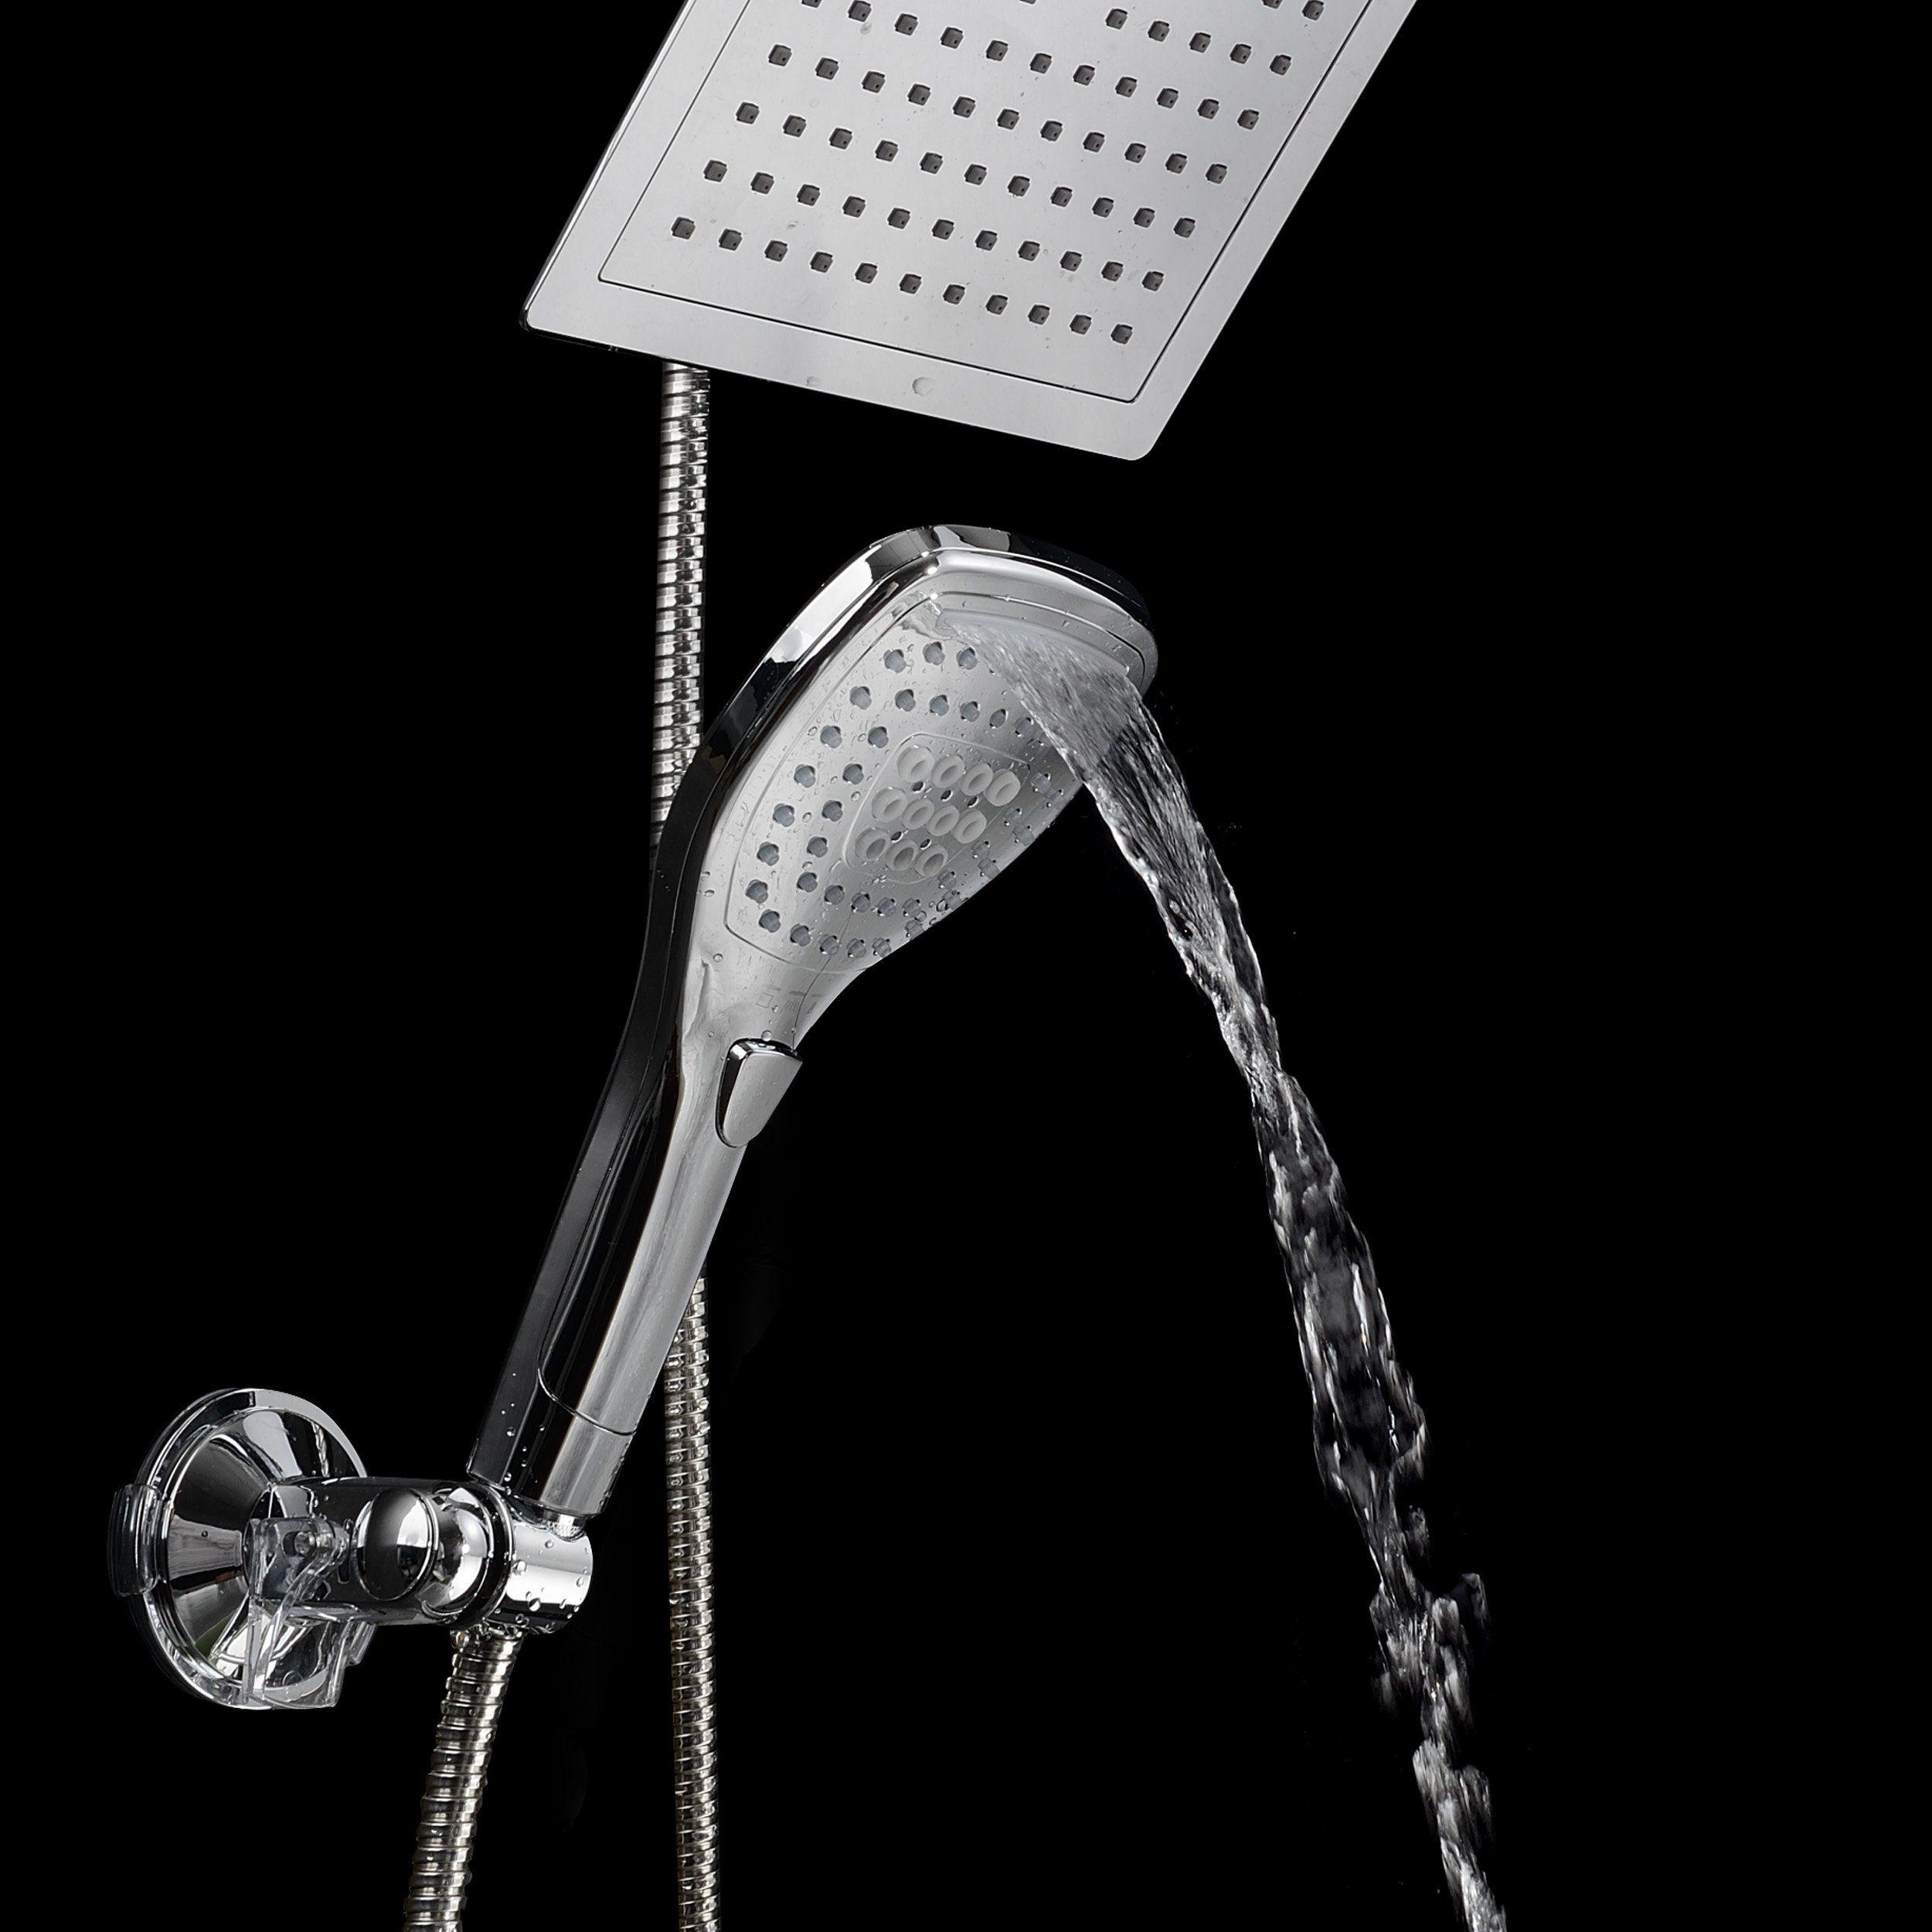 alpha-grp.co.jp Home & Kitchen Showerheads Convenient Push-Button ...